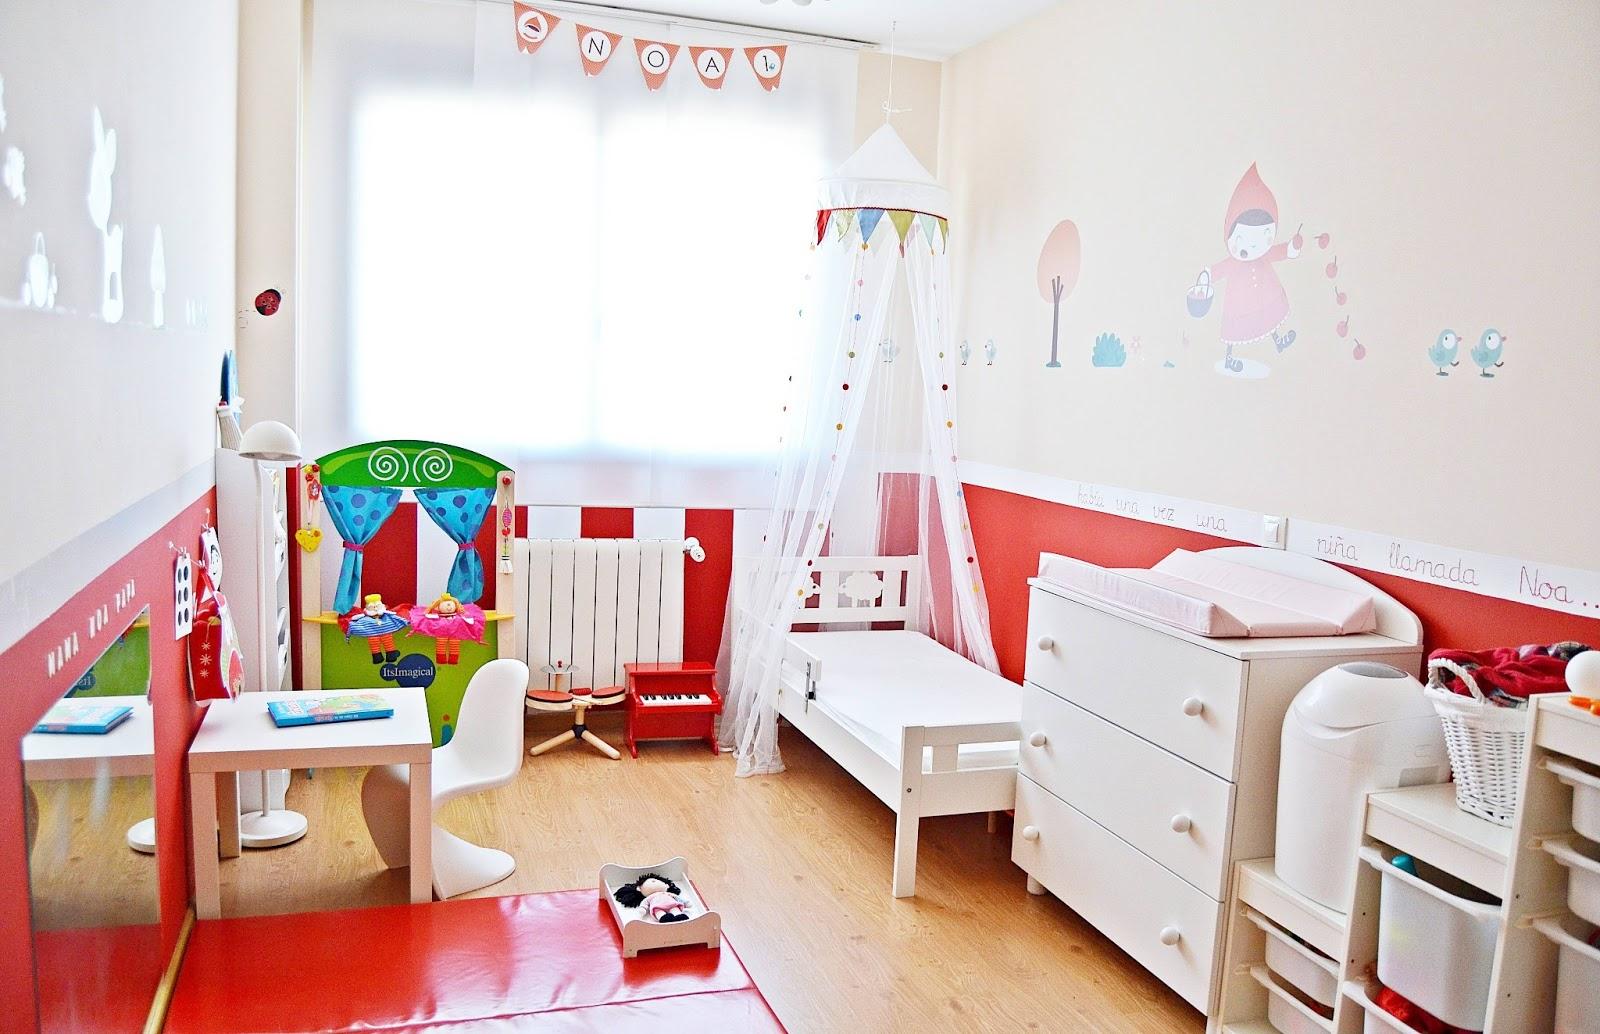 Mam de noa cambio de habitaci n de beb a mayor - Dormitorios infantiles para dos ...